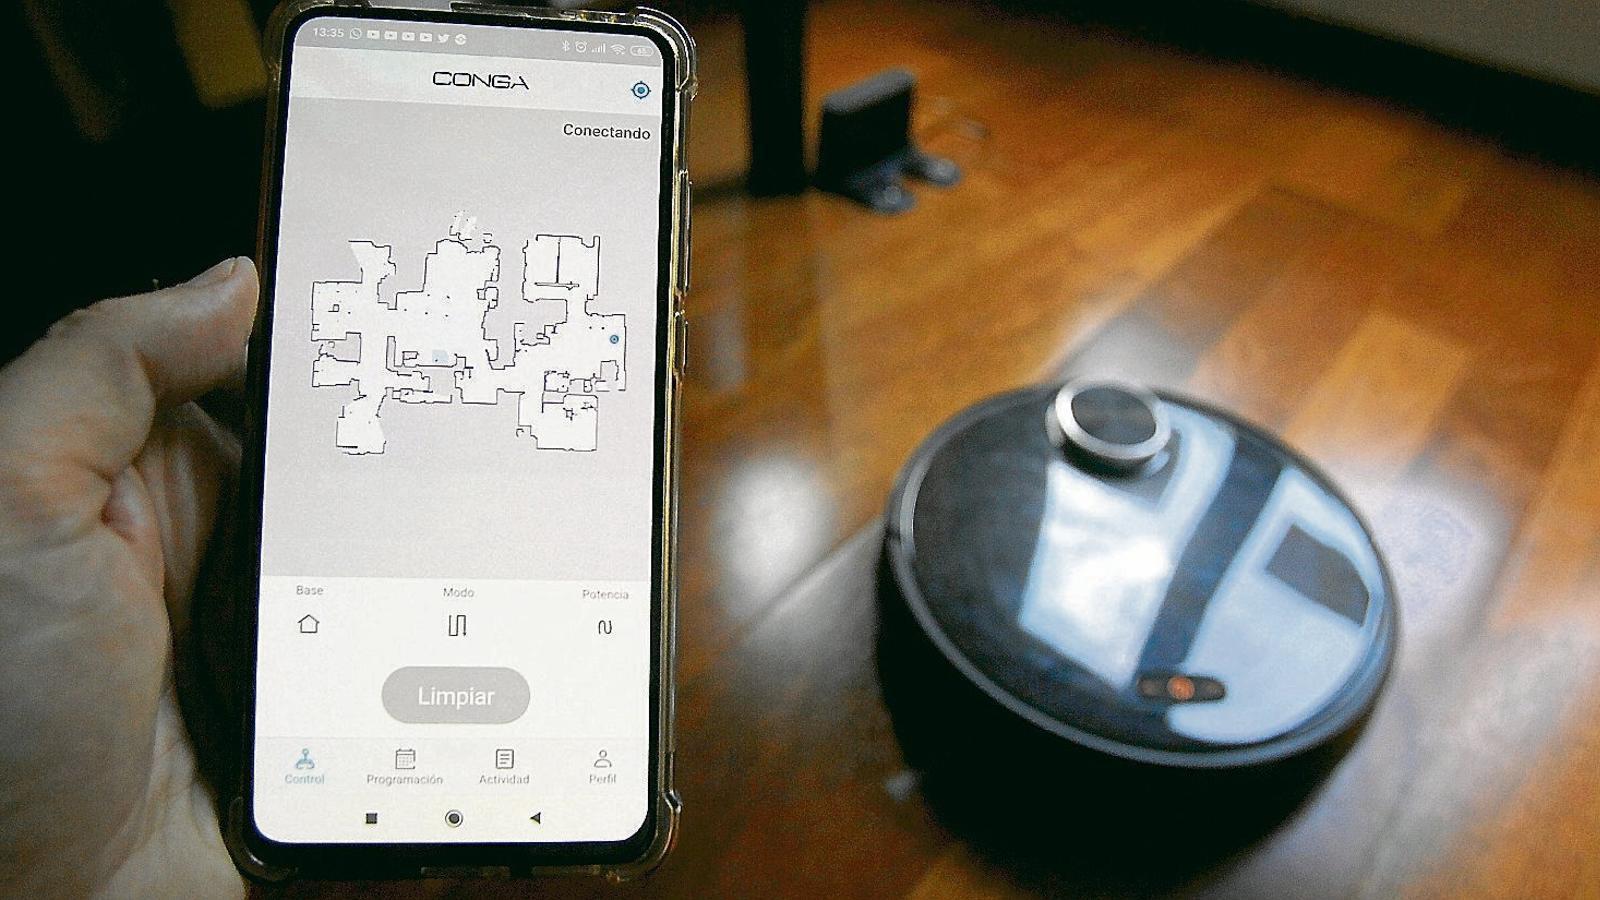 El robot Conga sap com és casa teva i en guarda  el mapa al núvol